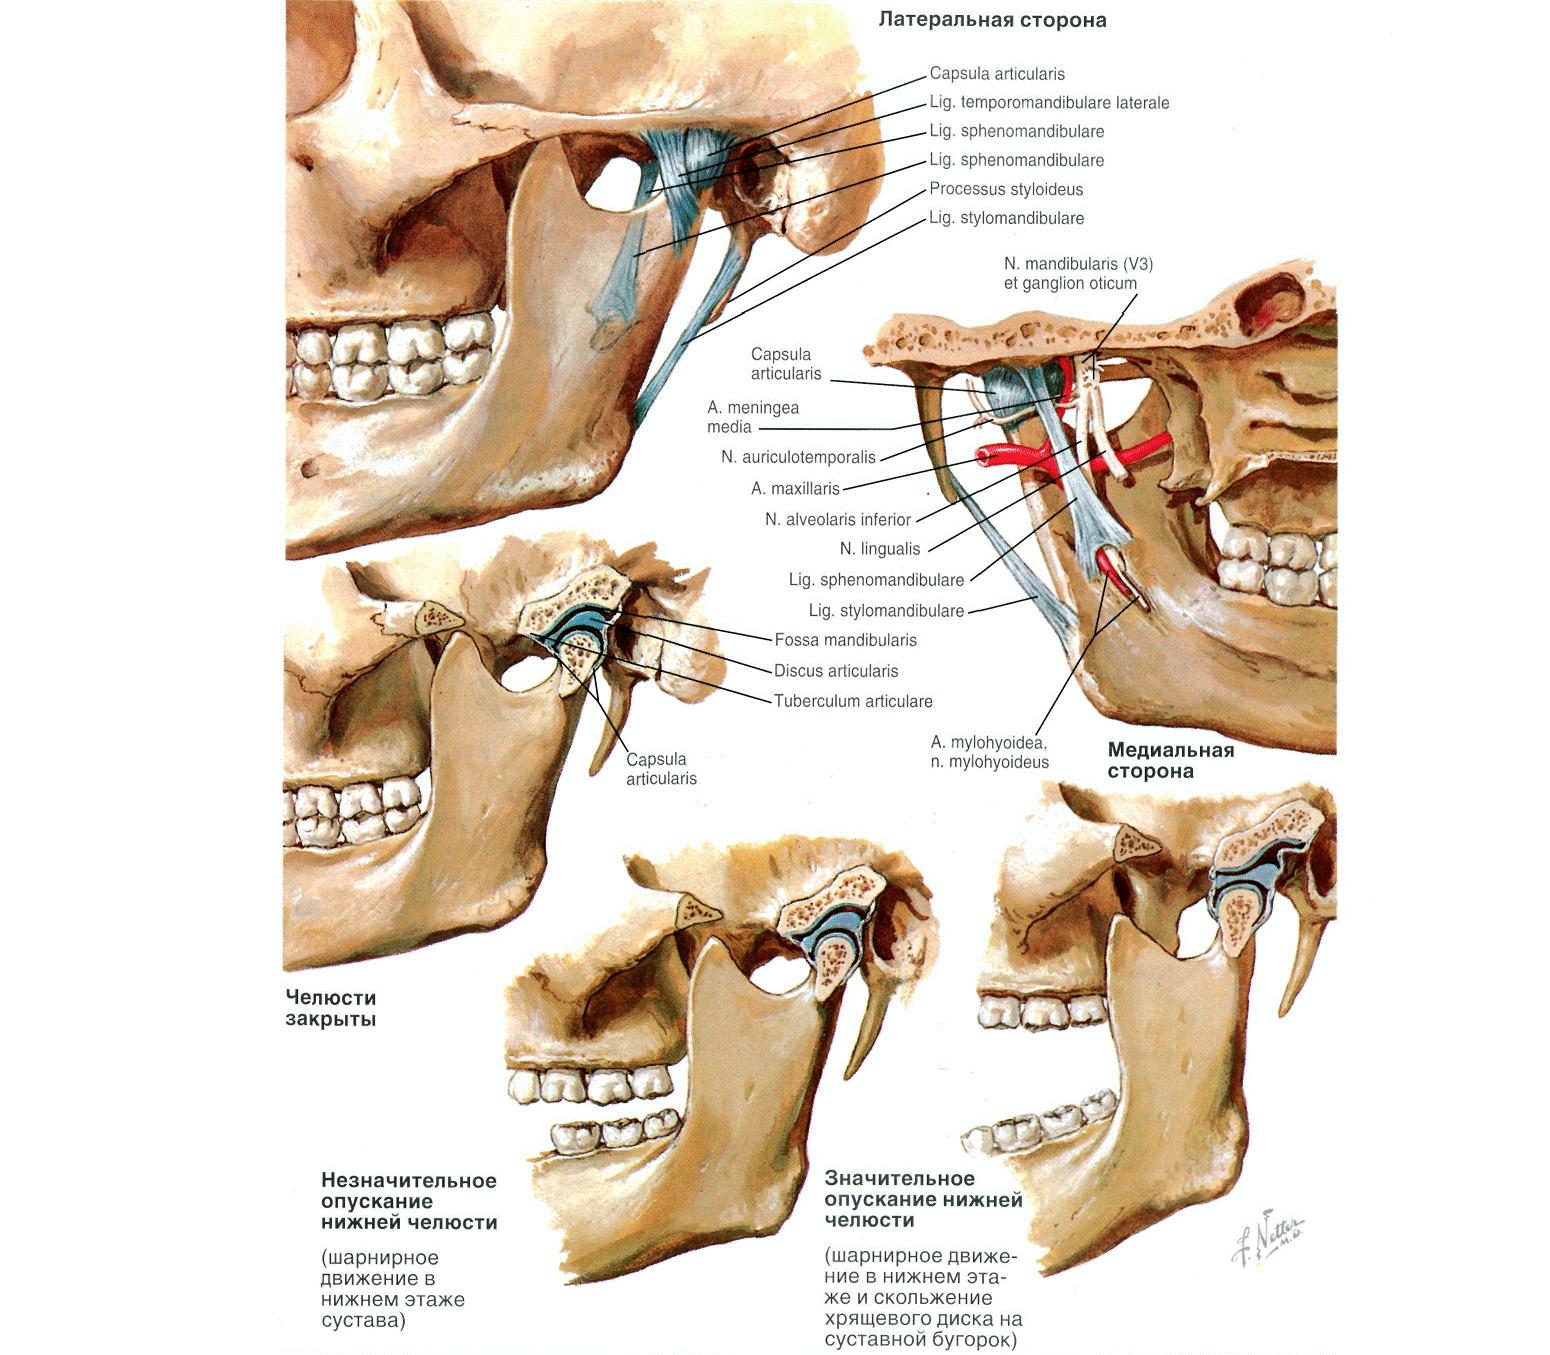 Изображение - Верхнечелюстной сустав анатомия anatomy9